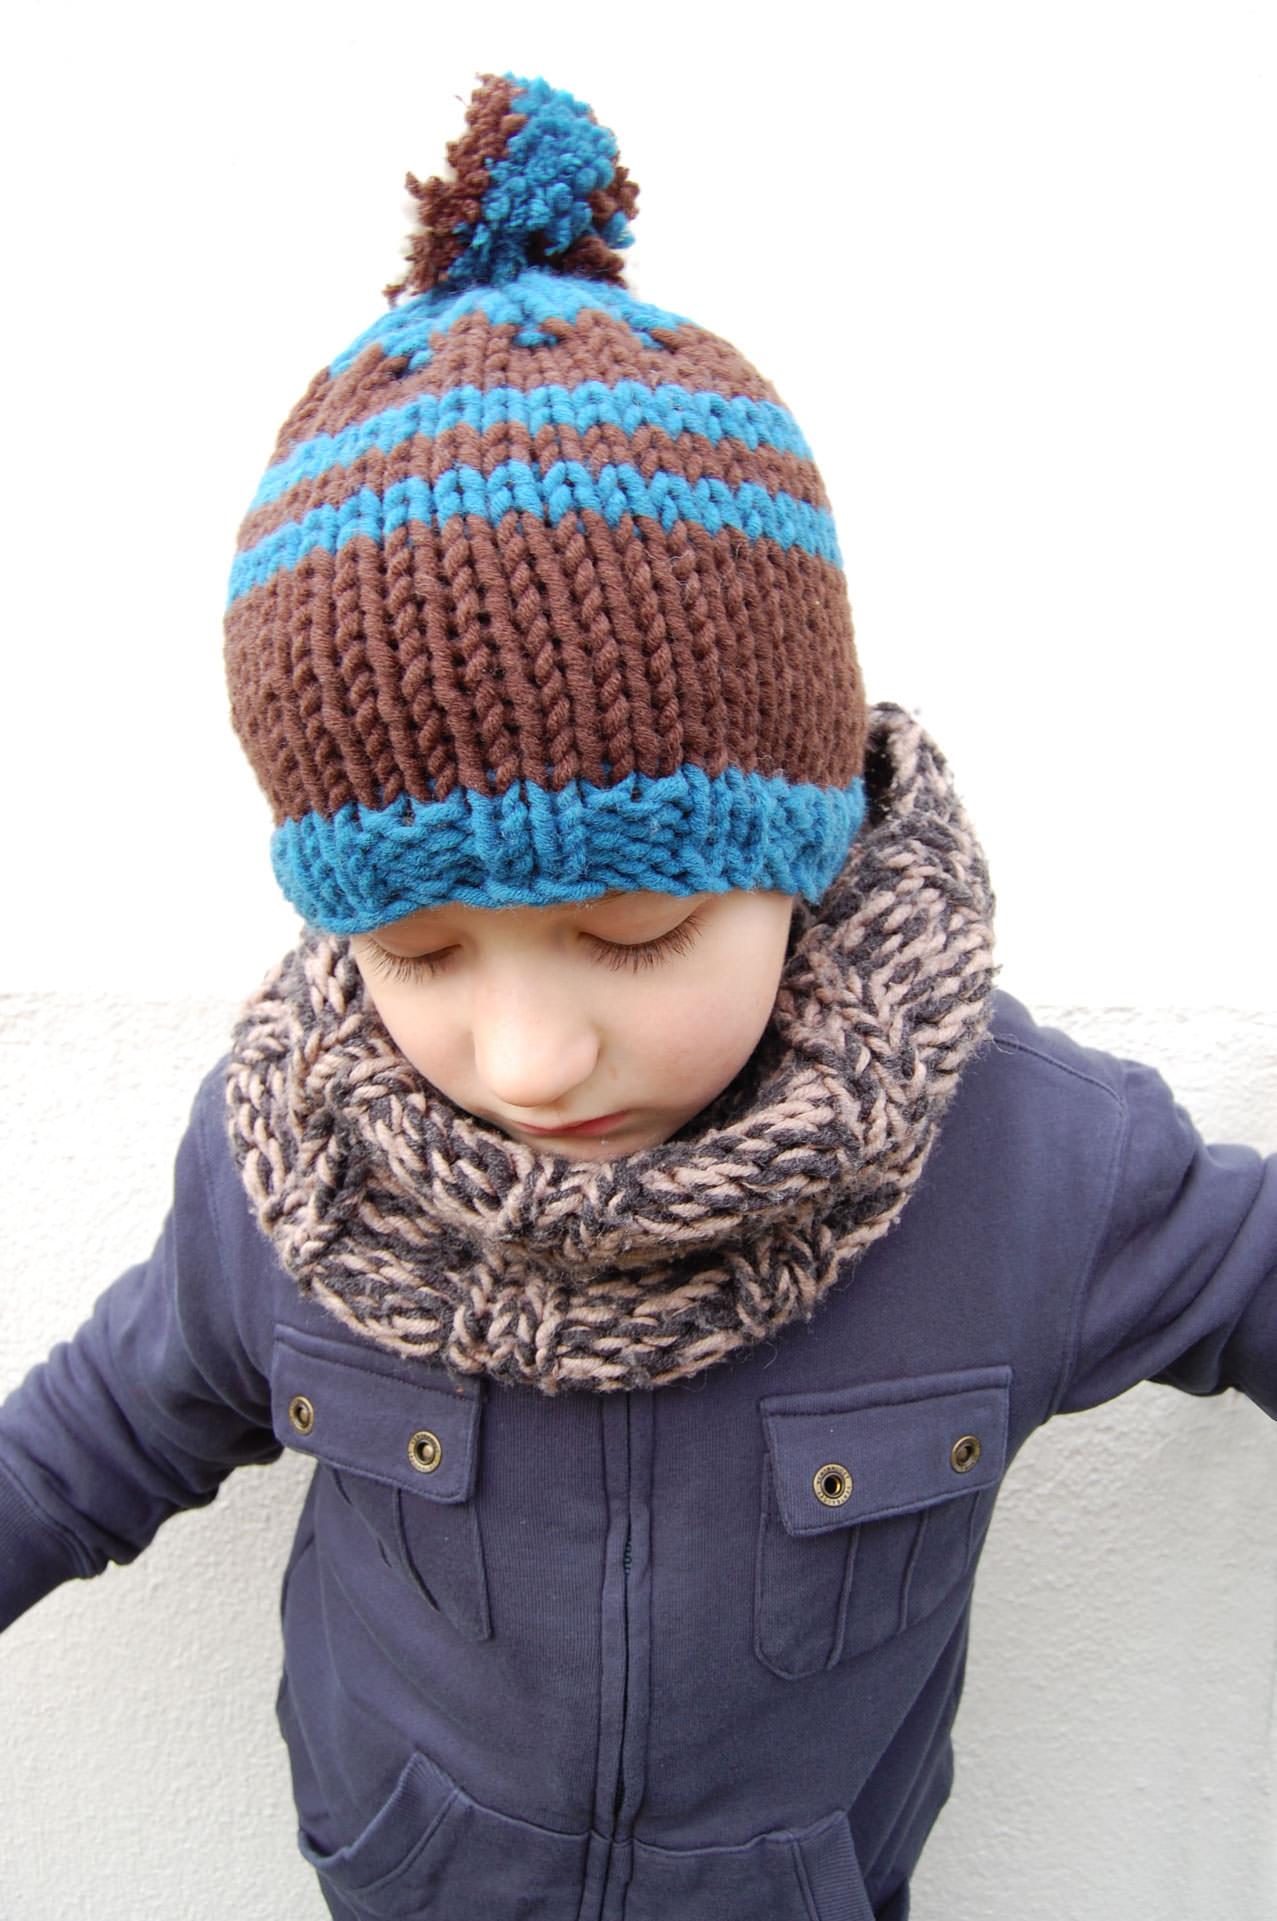 Modèle bonnet à pompon - MADLAINE   Mad laine a9a2384c673